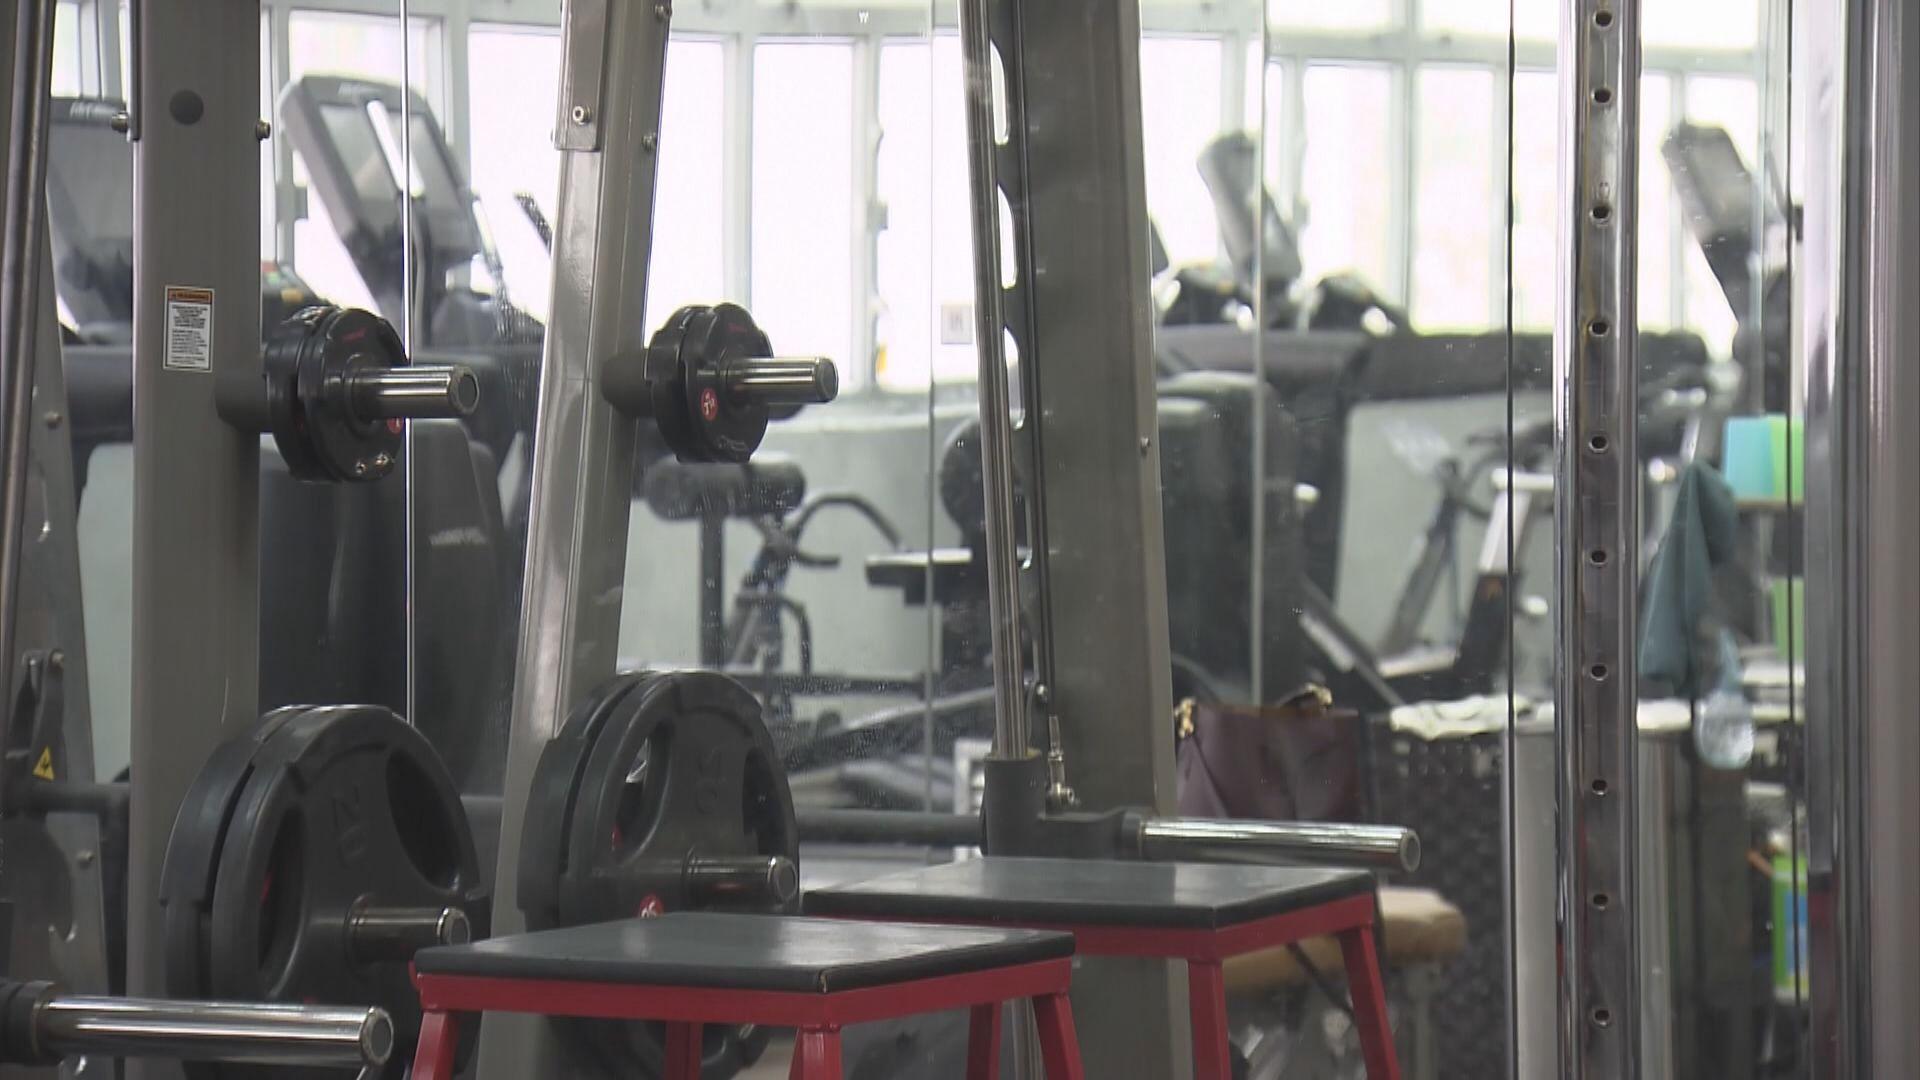 健身中心等周五起可重開 卡拉OK派對房間等續停業